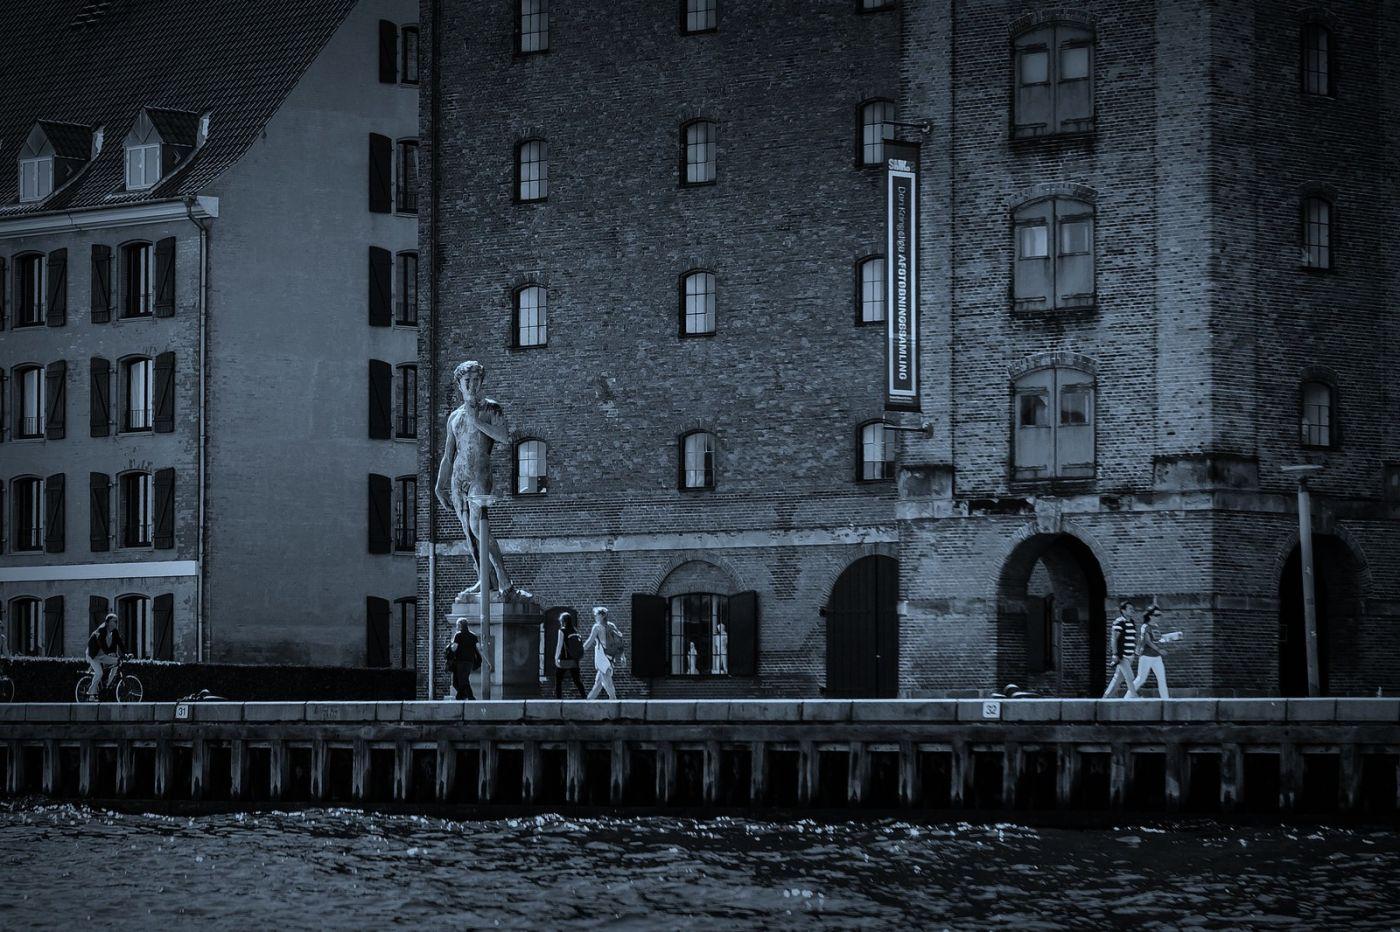 丹麦哥本哈根,坐船看市景_图1-13